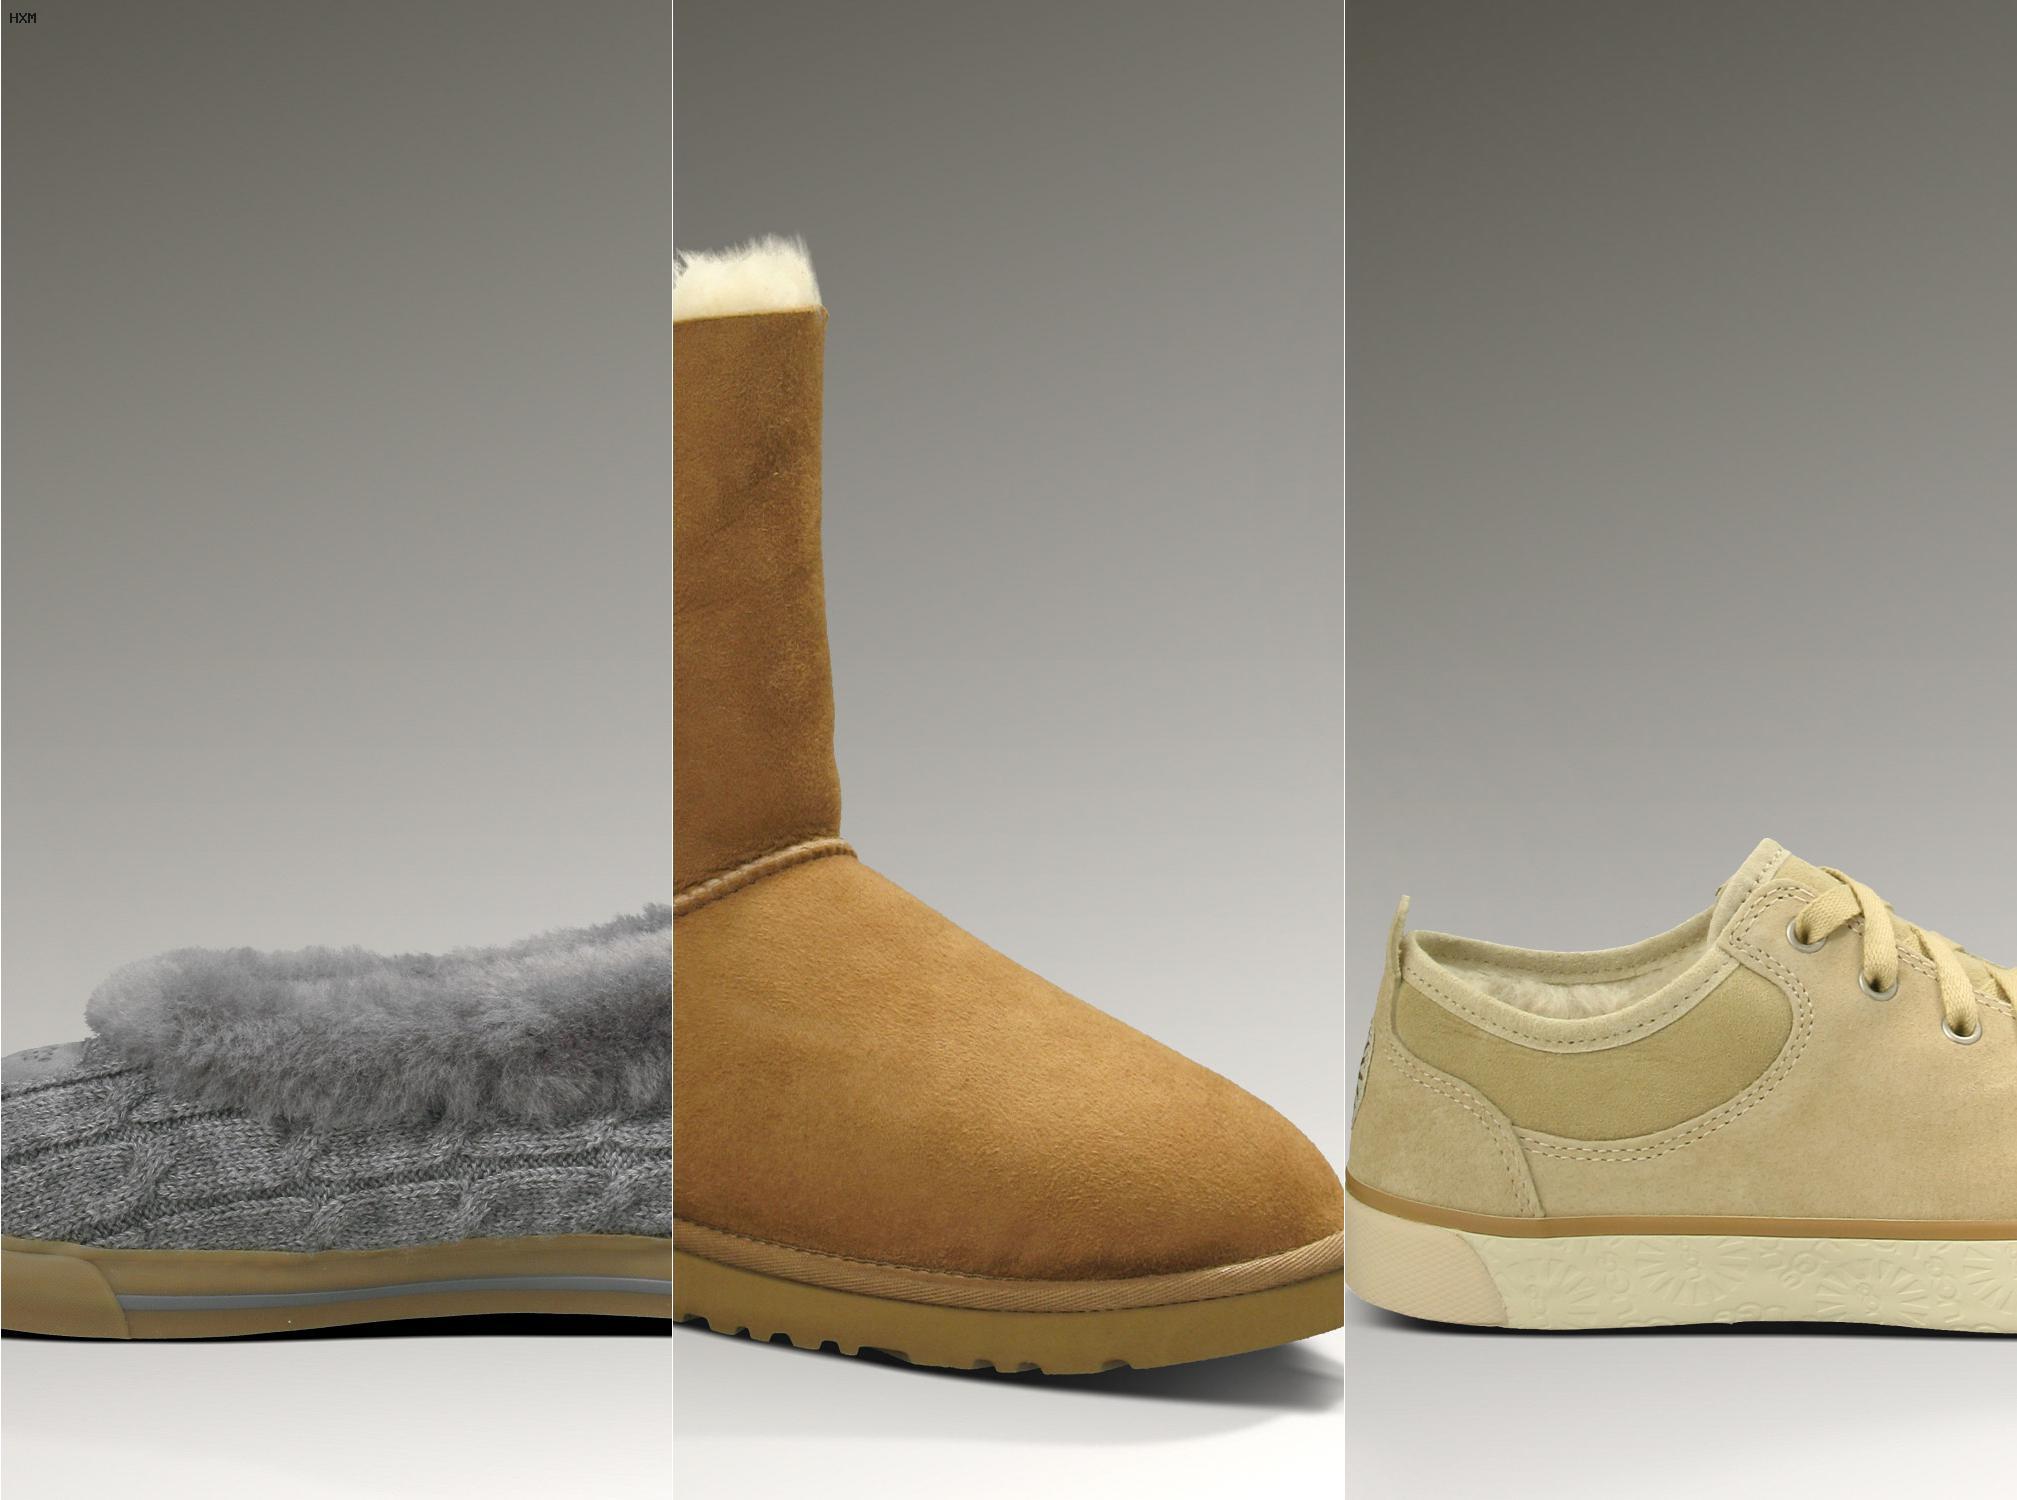 donde comprar botas ugg madrid